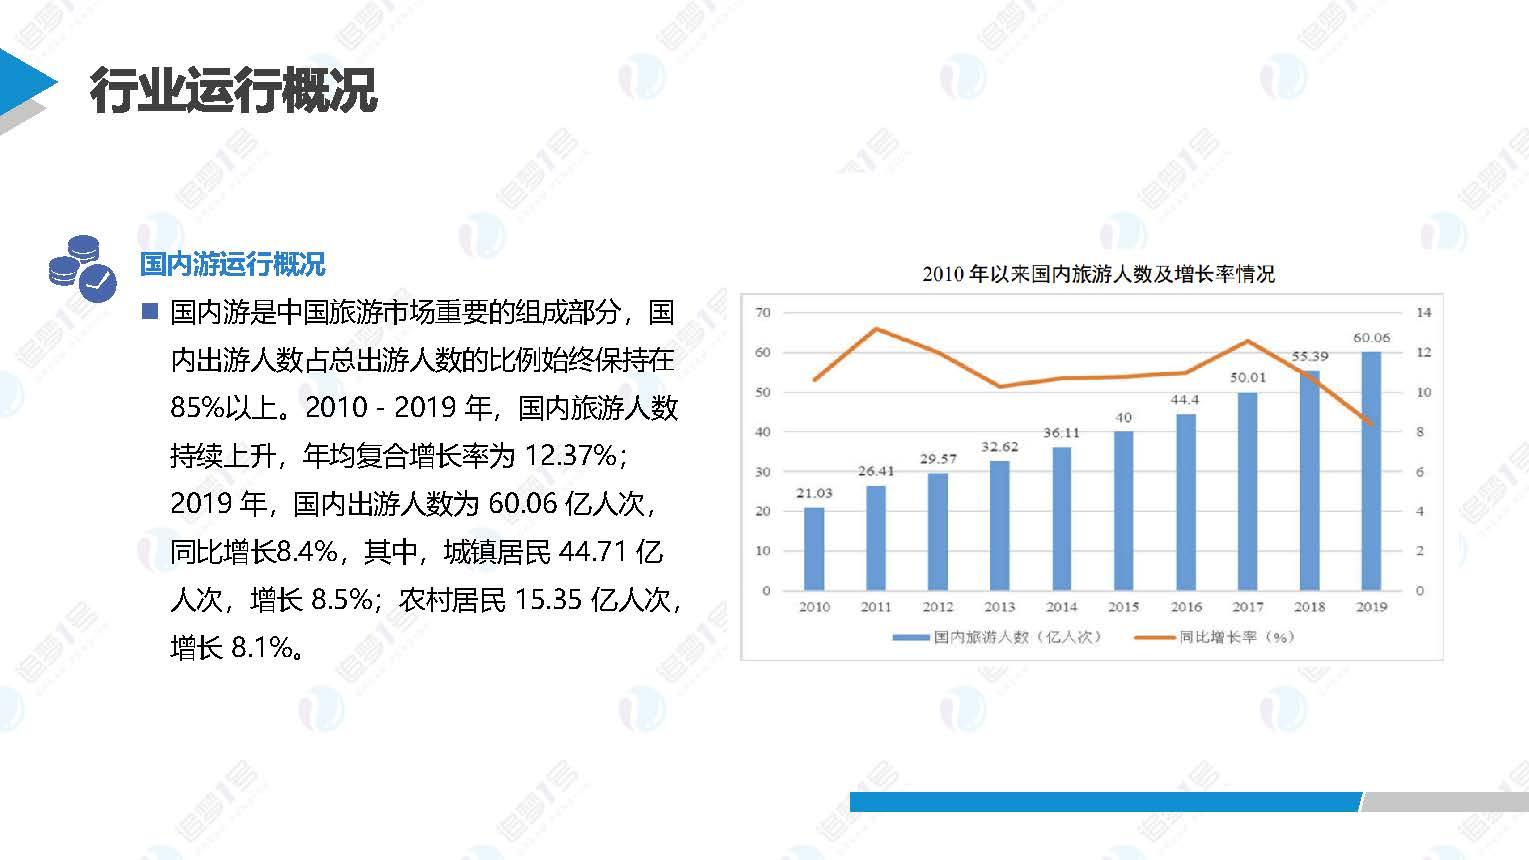 中国旅游行业研究 _页面_14.jpg